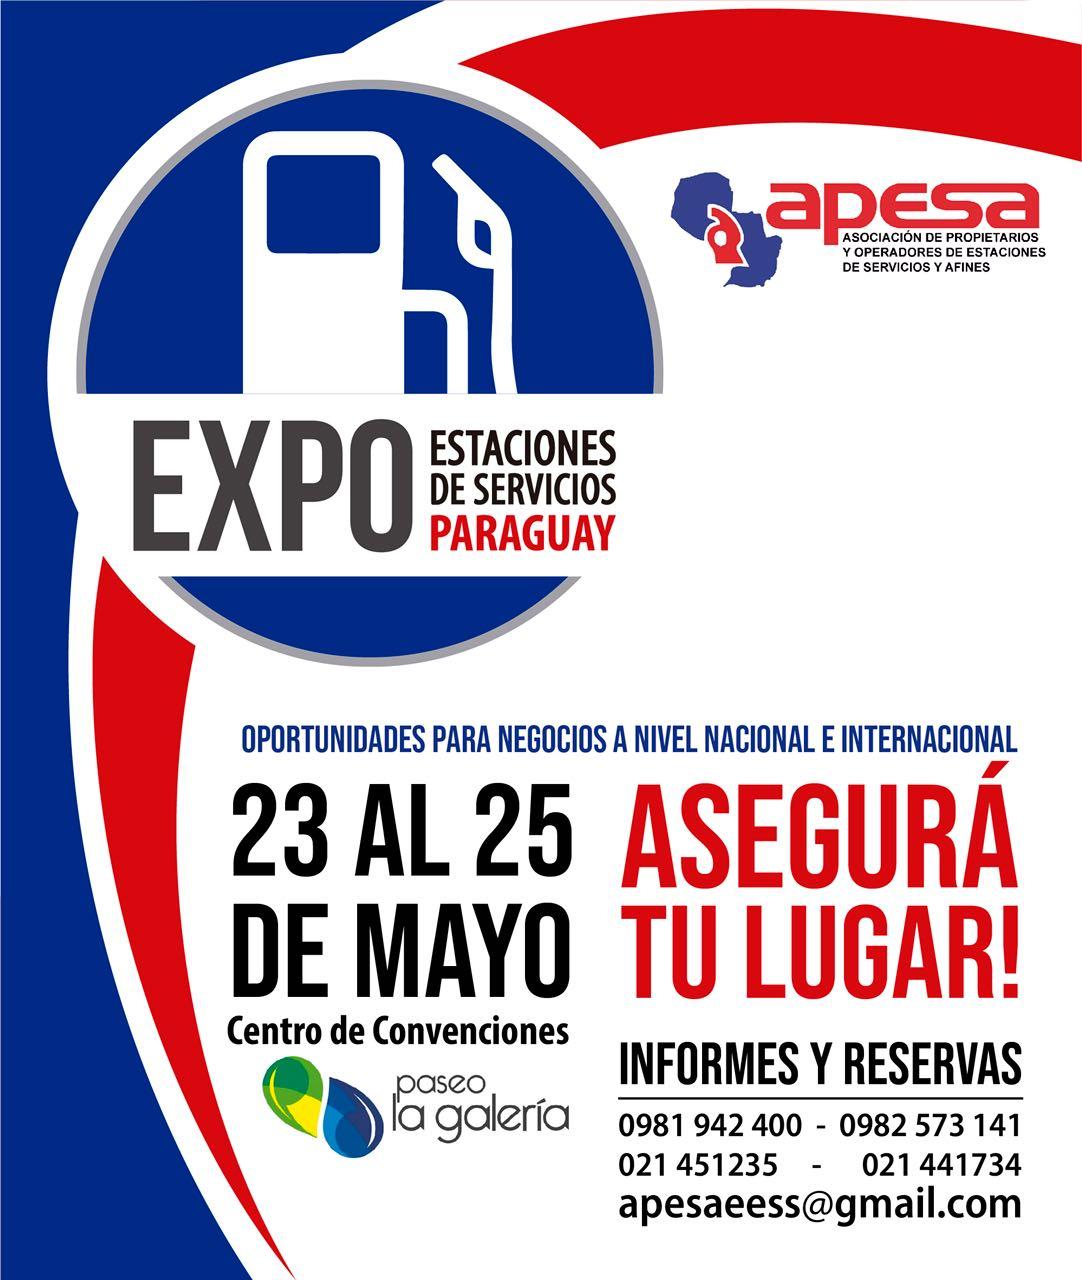 Expo Estaciones de Servicios